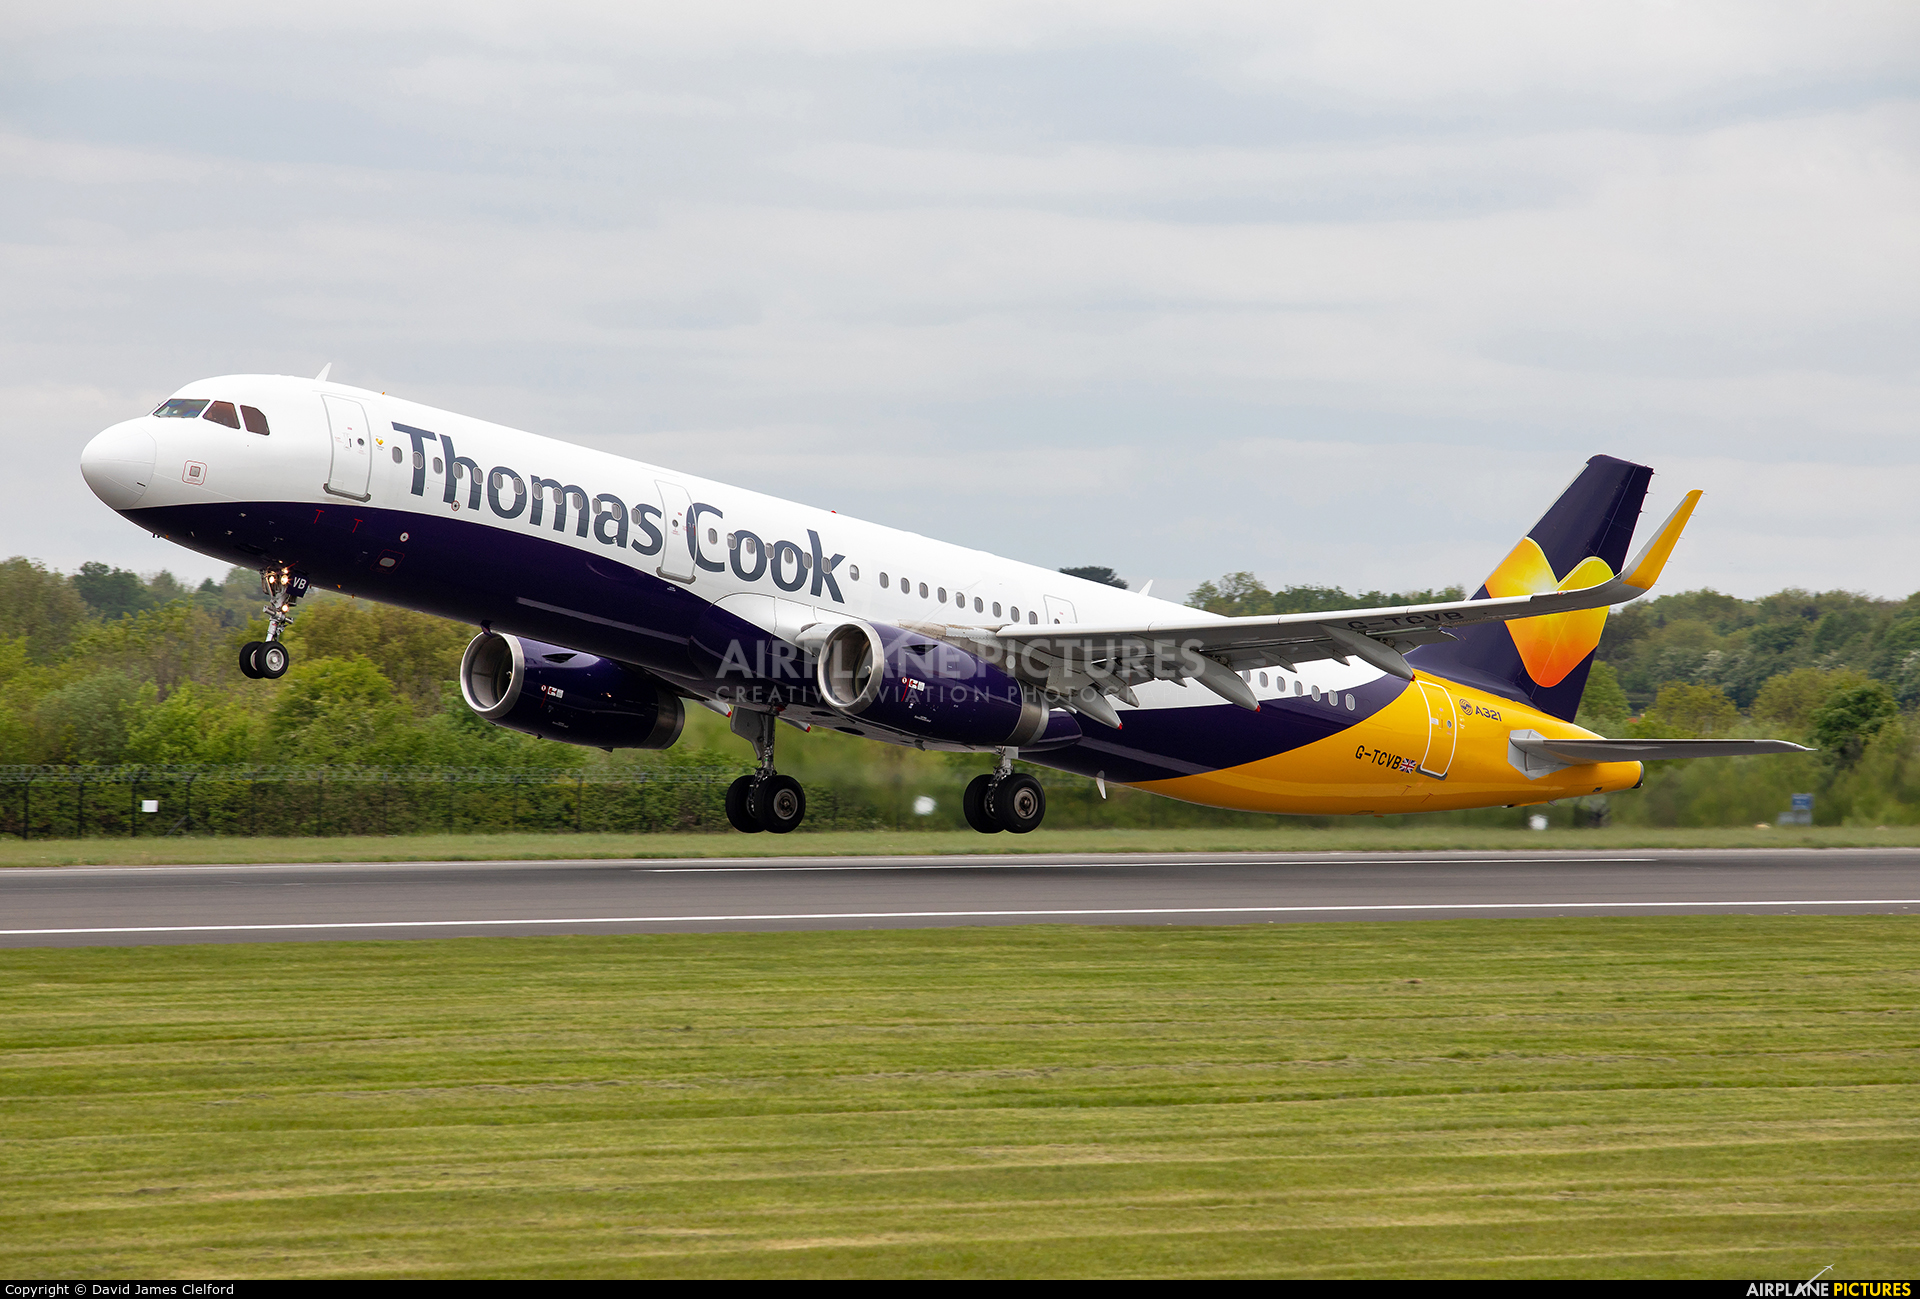 Thomas Cook G-TCVB aircraft at Manchester